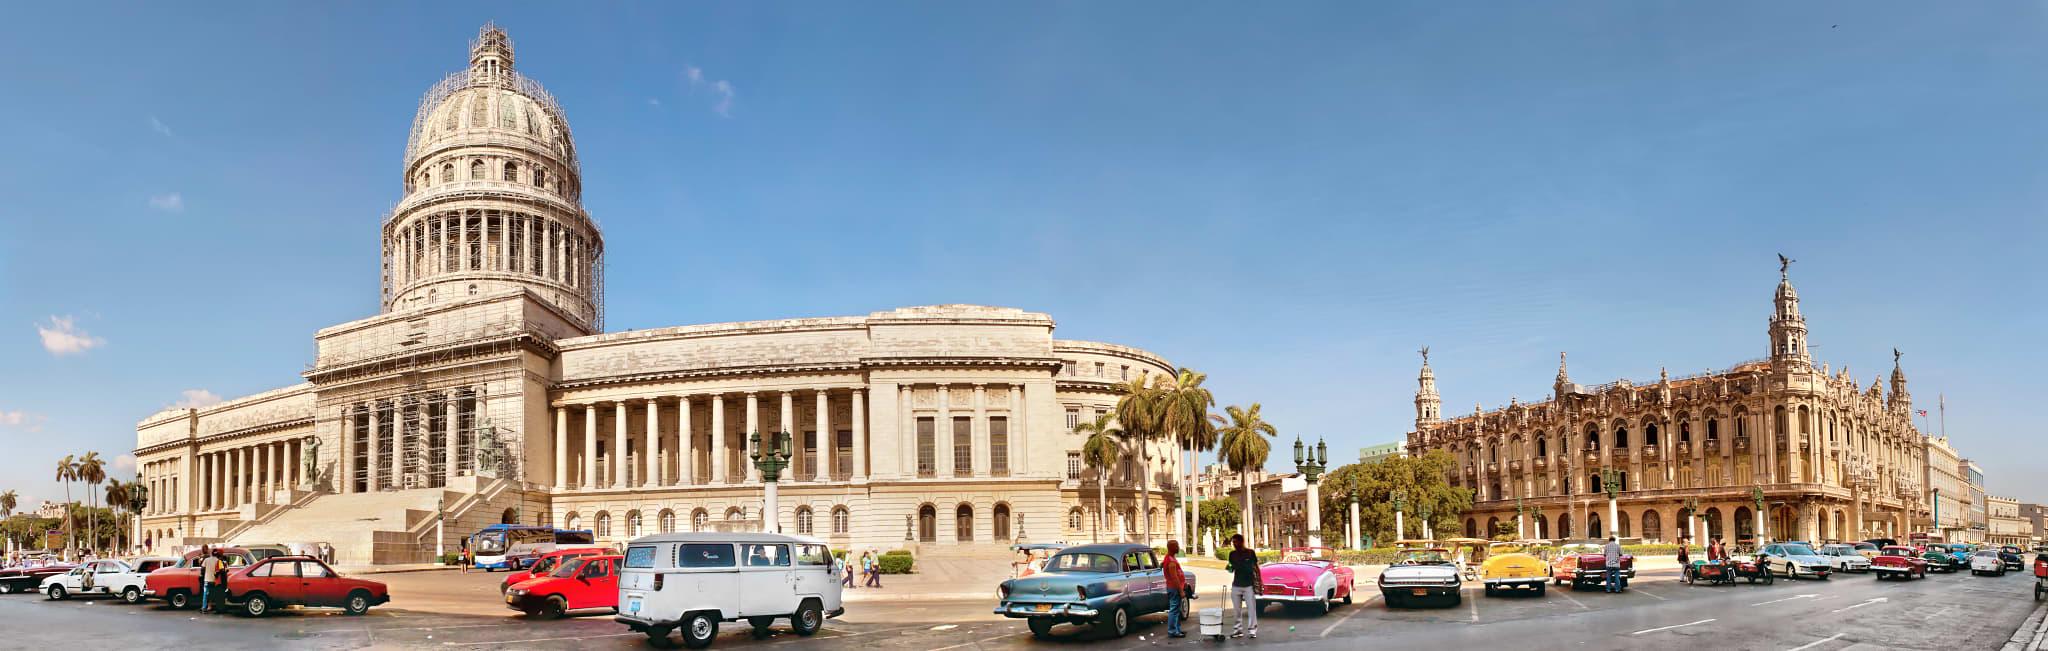 Cuba Tour - Havana El Capitolio and Vintage Cars